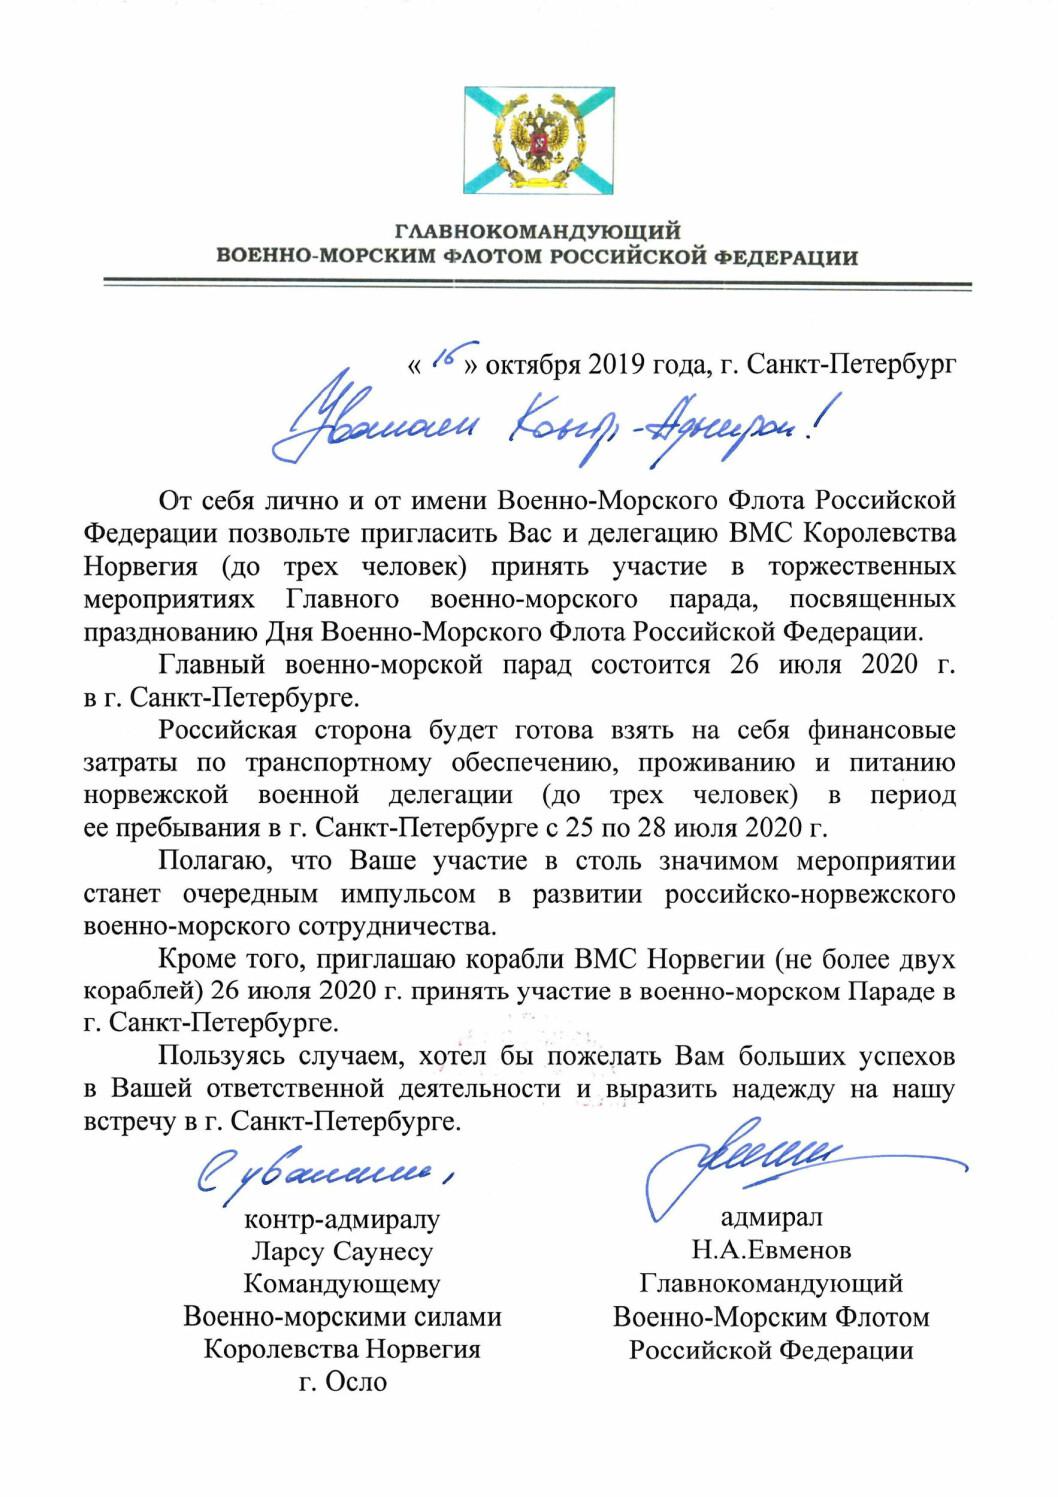 Invitasjonen: I invitasjonen fra Russland om delta i feiringen av Marinens dag i St. Petersburg, er Lars Saunes omtalt som sjef for Sjøforsvaret.